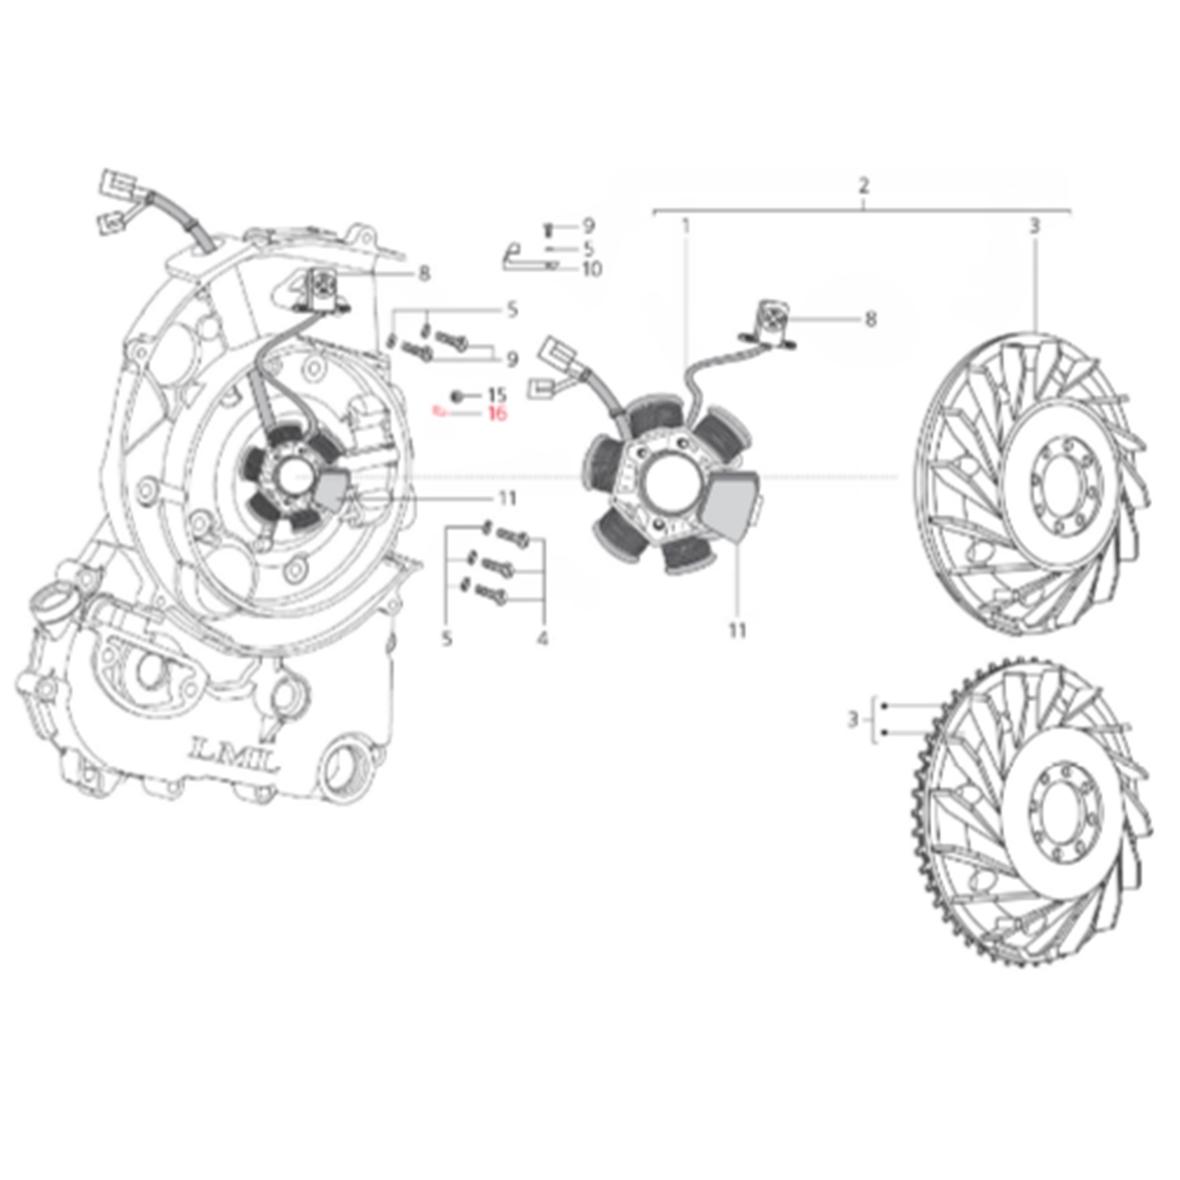 「保持プレート LML ケーブル イグニッション ベース プレートTitle」の製品画像